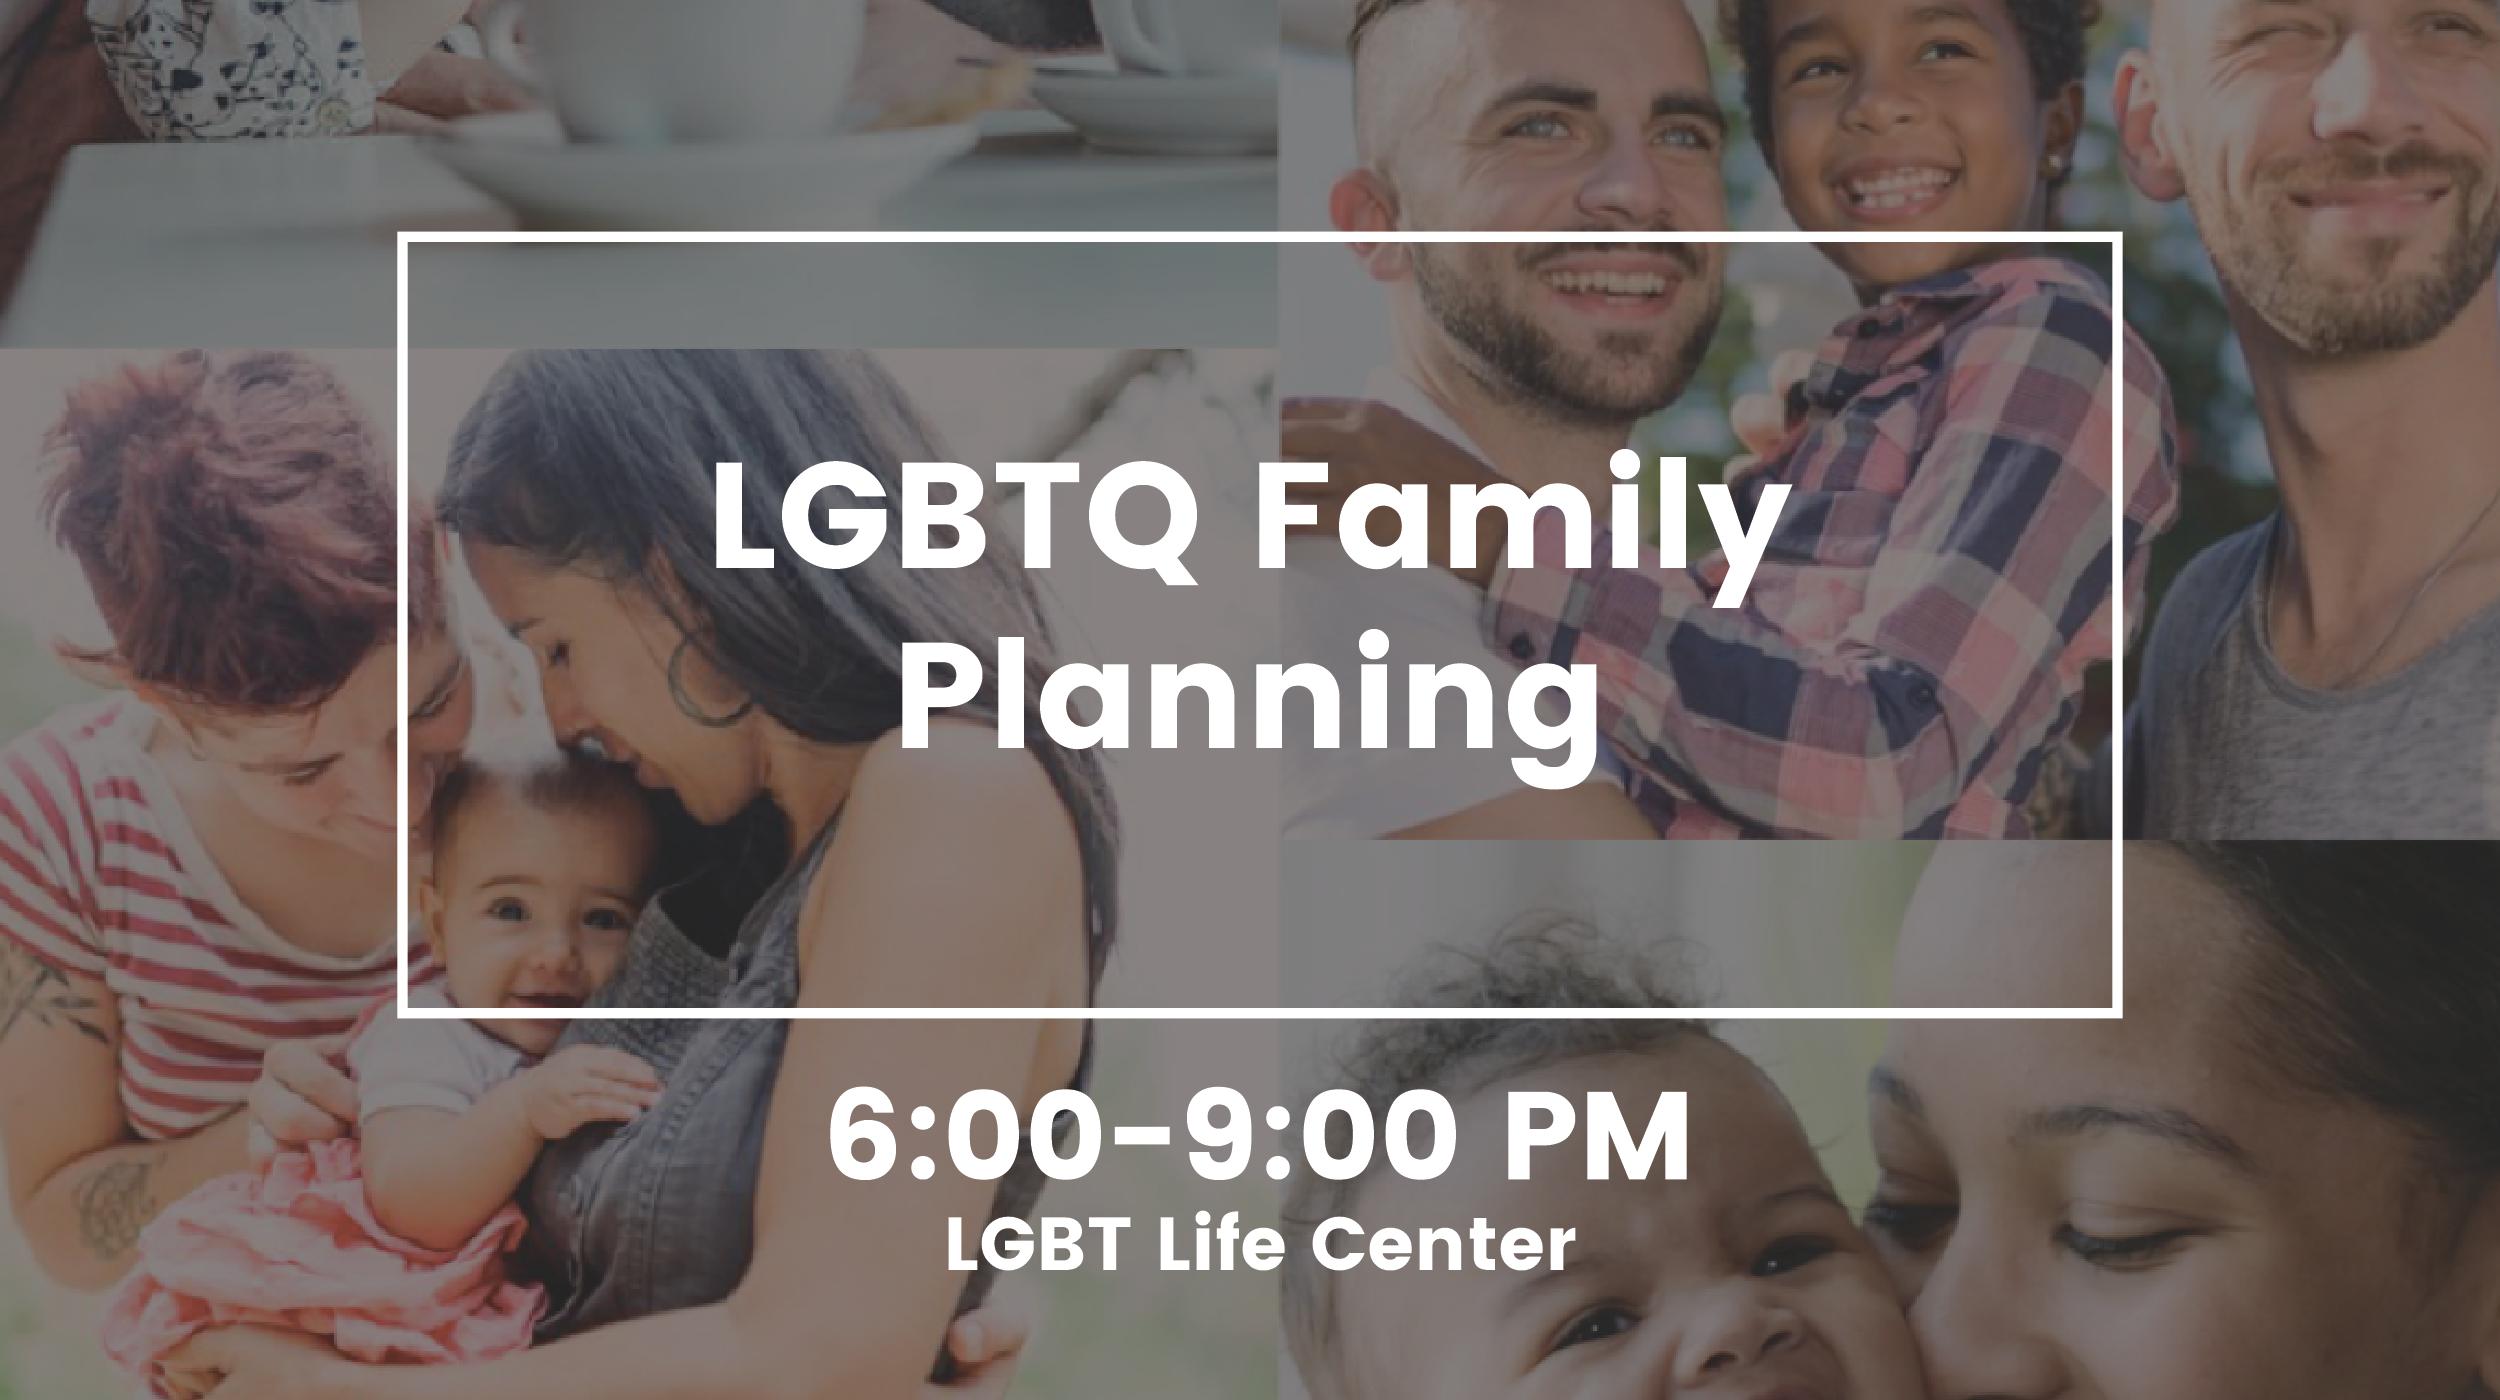 LGBTQ_Family_Planning